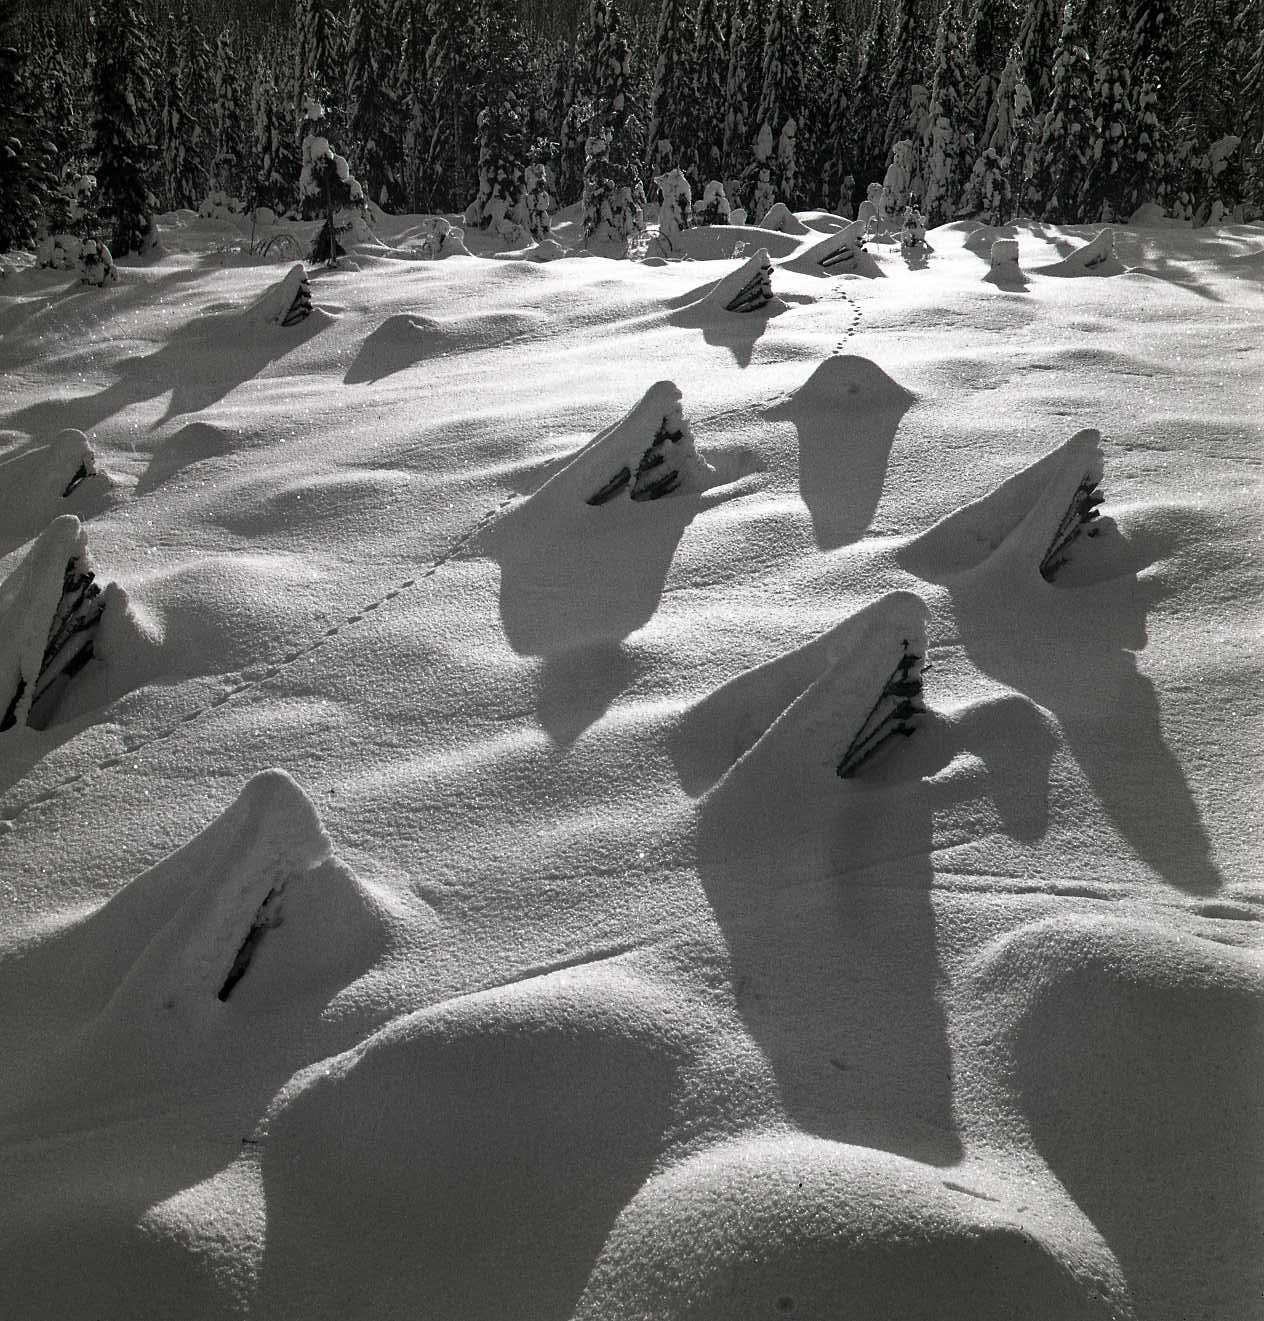 M 106 936: Kolvedres i snö, Skogberget, januari 1948. Foto: Hilding Mickelsson©